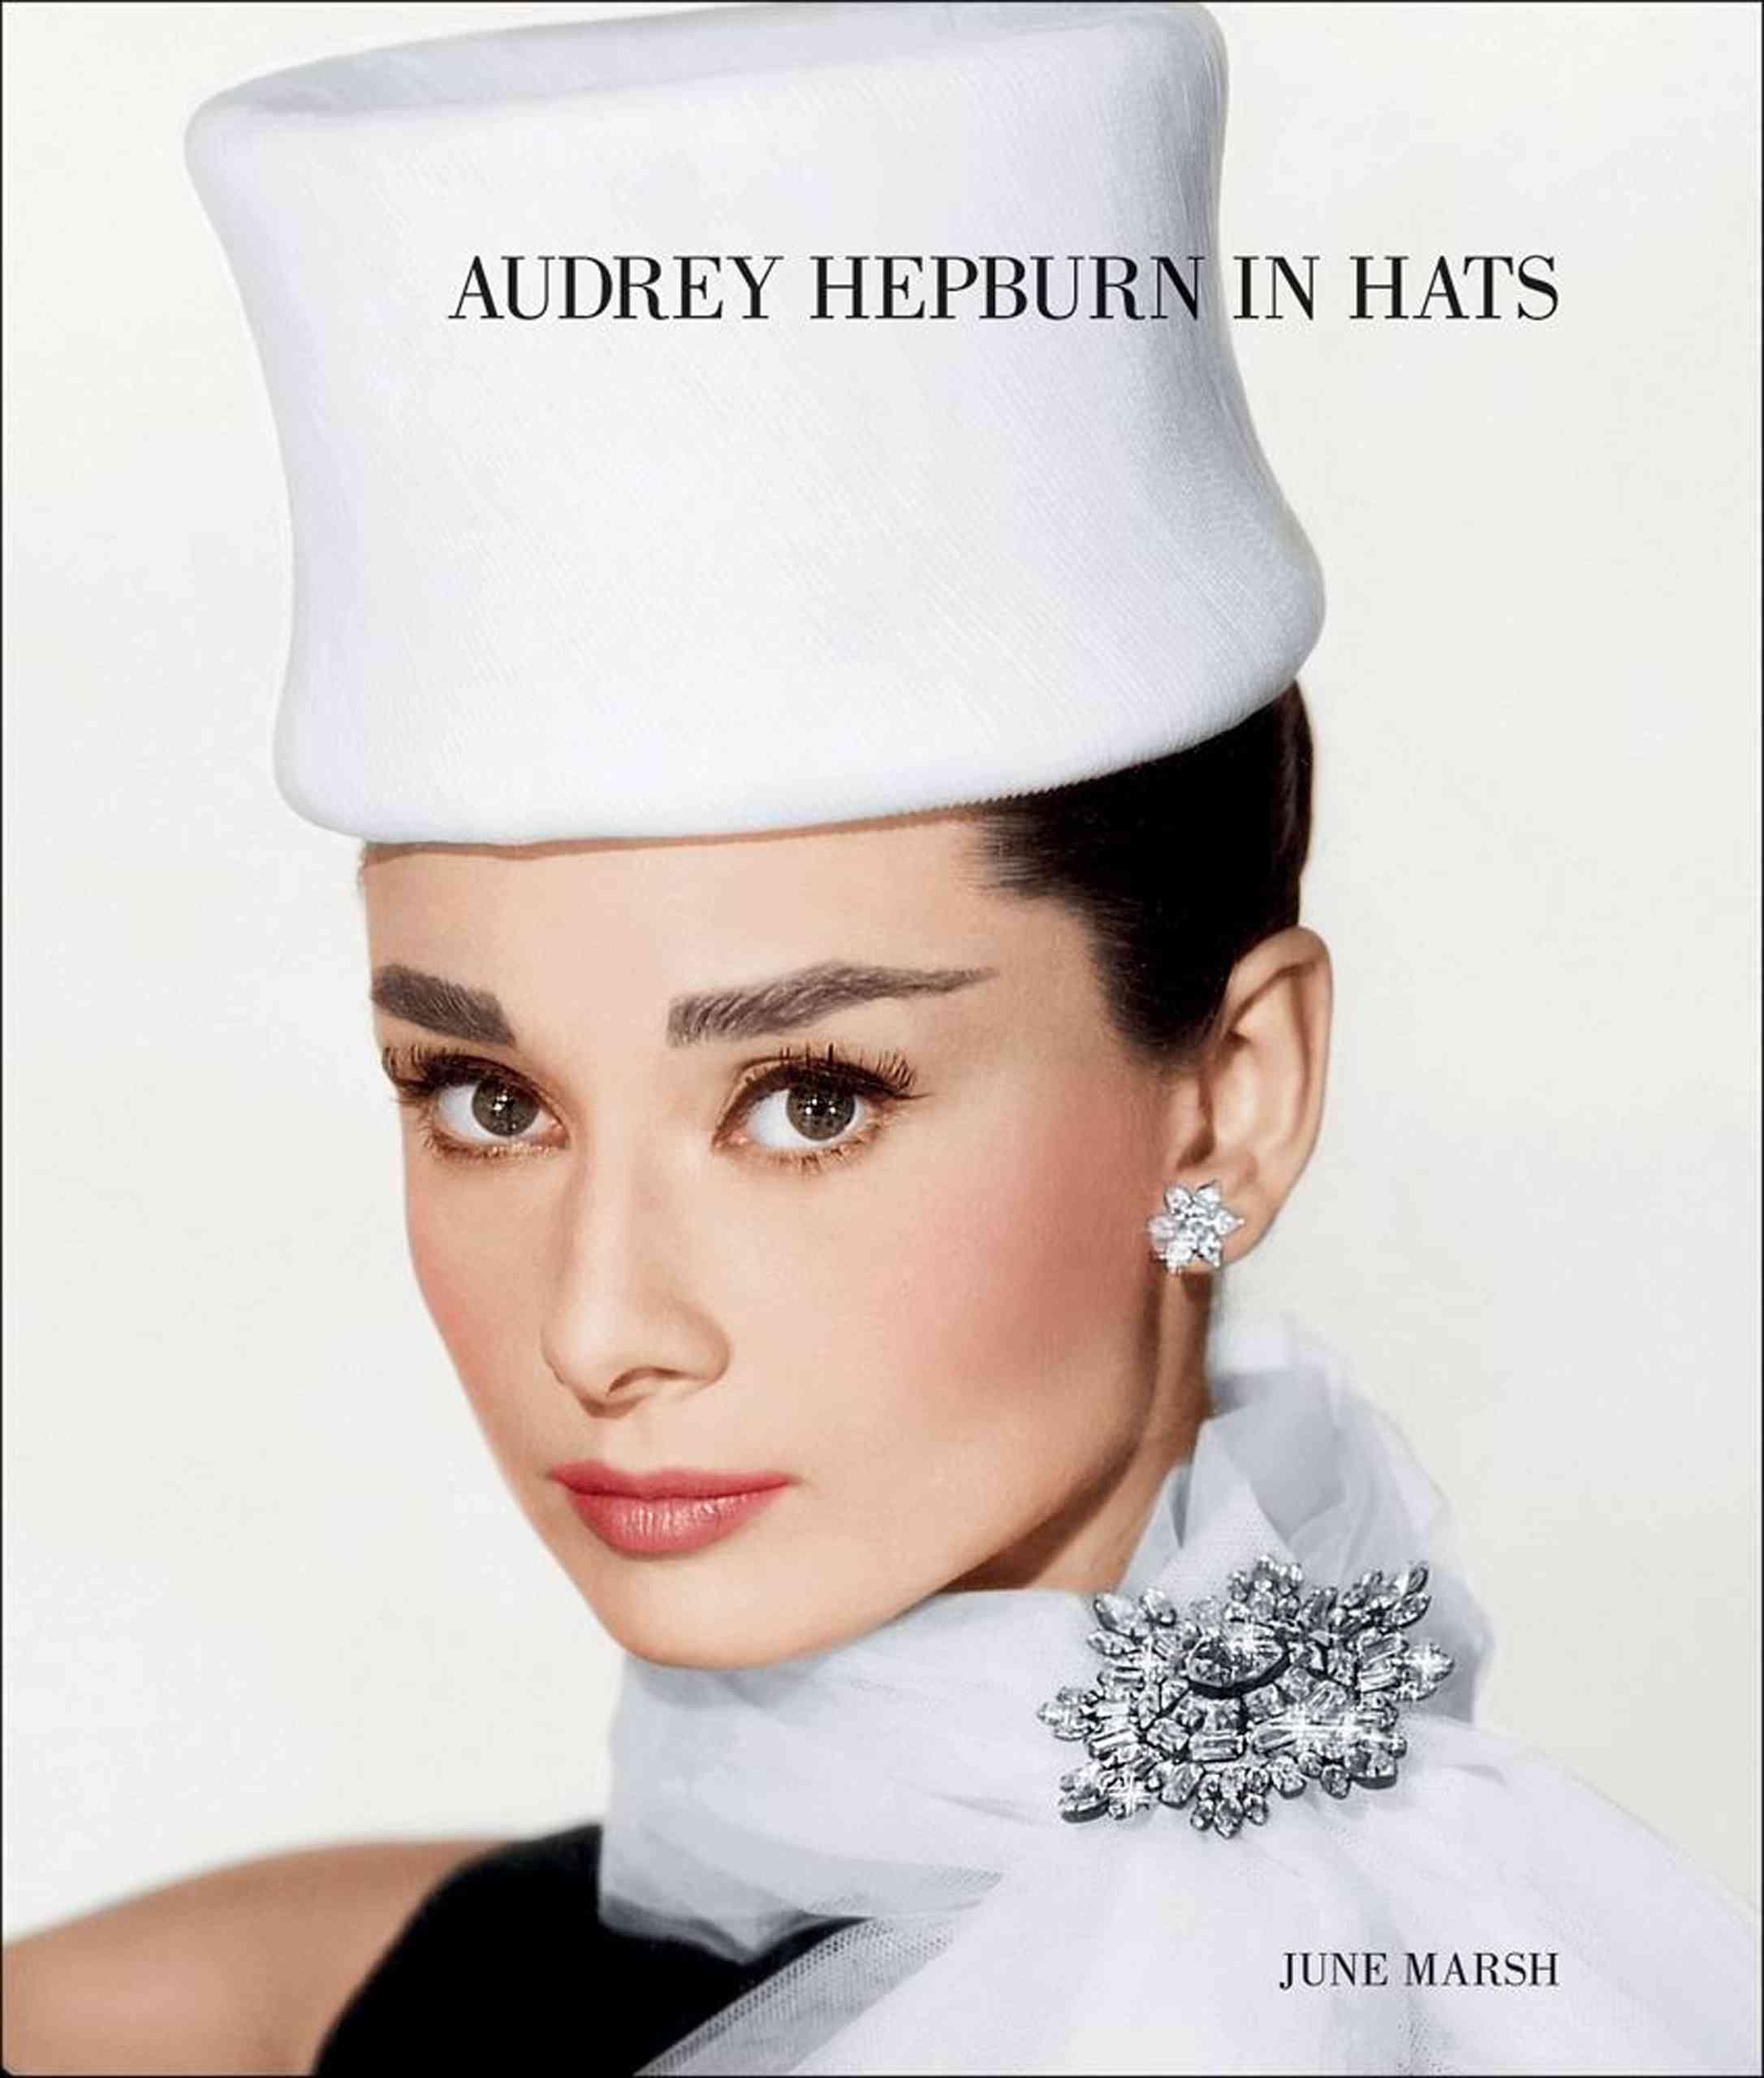 Audrey Hepburn in Hats (Hardcover)